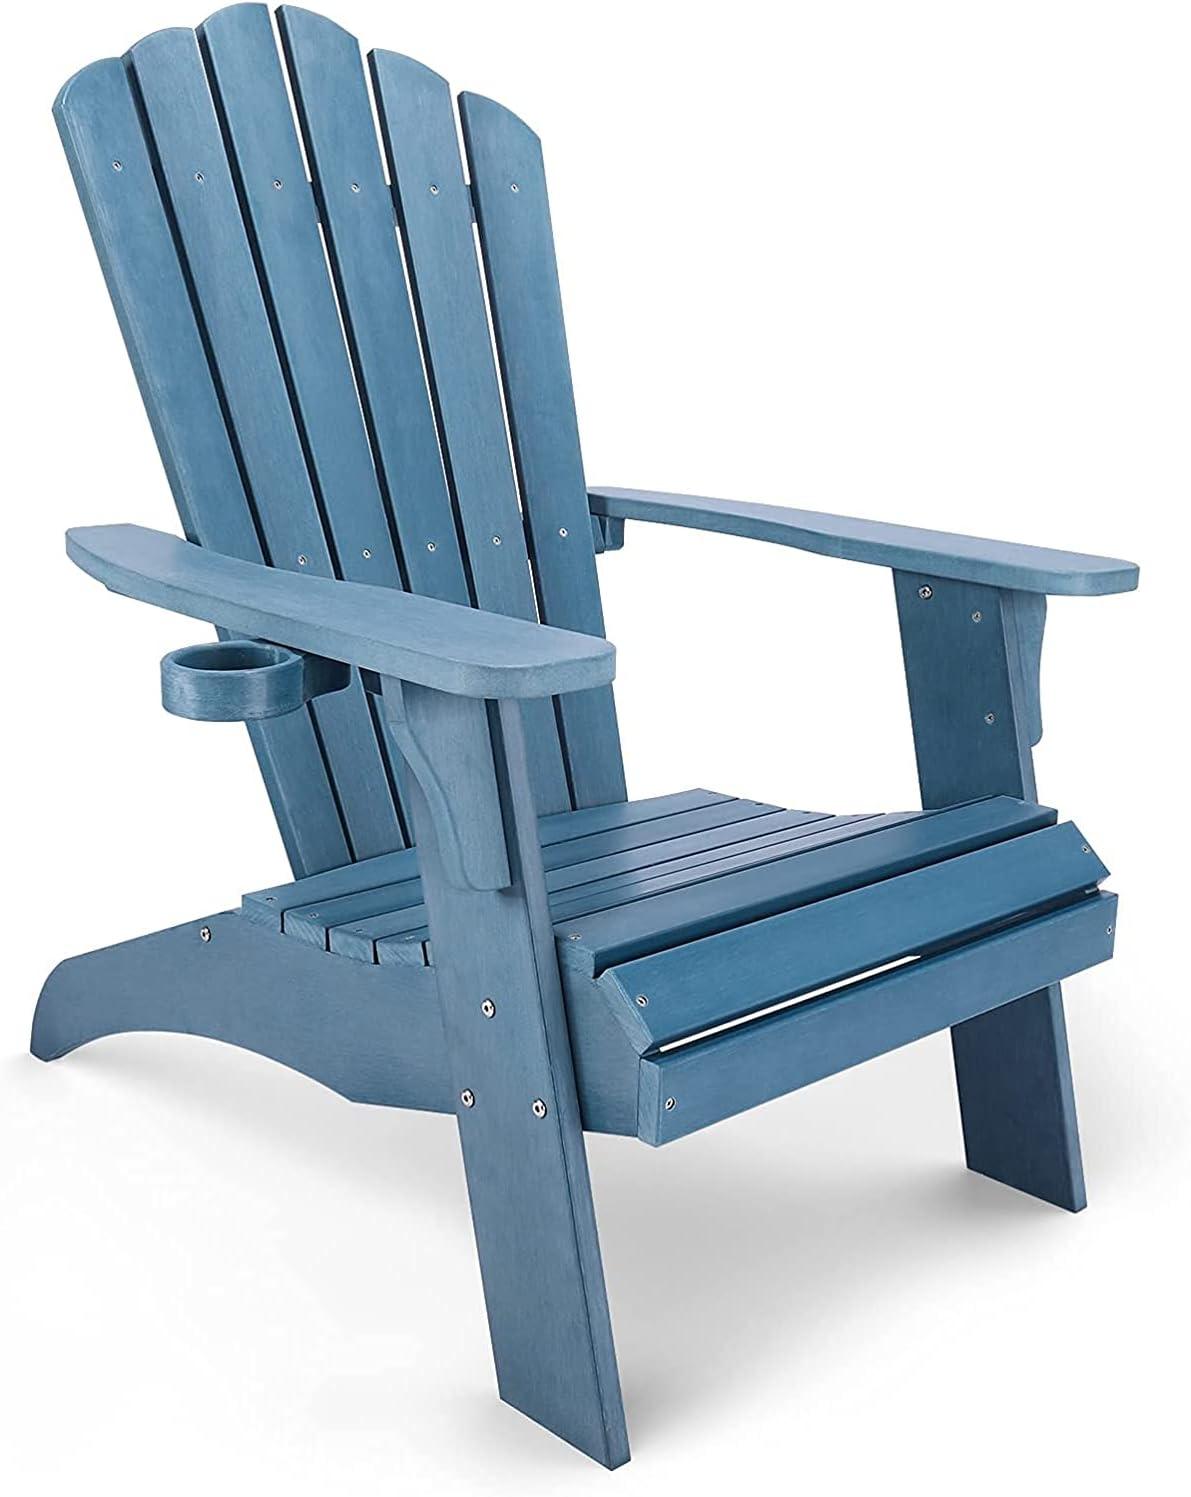 Silla de Jardín Adirondack de Imitación de Madera con Portavasos, Silla de Exterior Resistente a la Intemperie y a la Decoloración, Ideal para Brasero y Terraza, Carga Máxima: 158KG, Azul